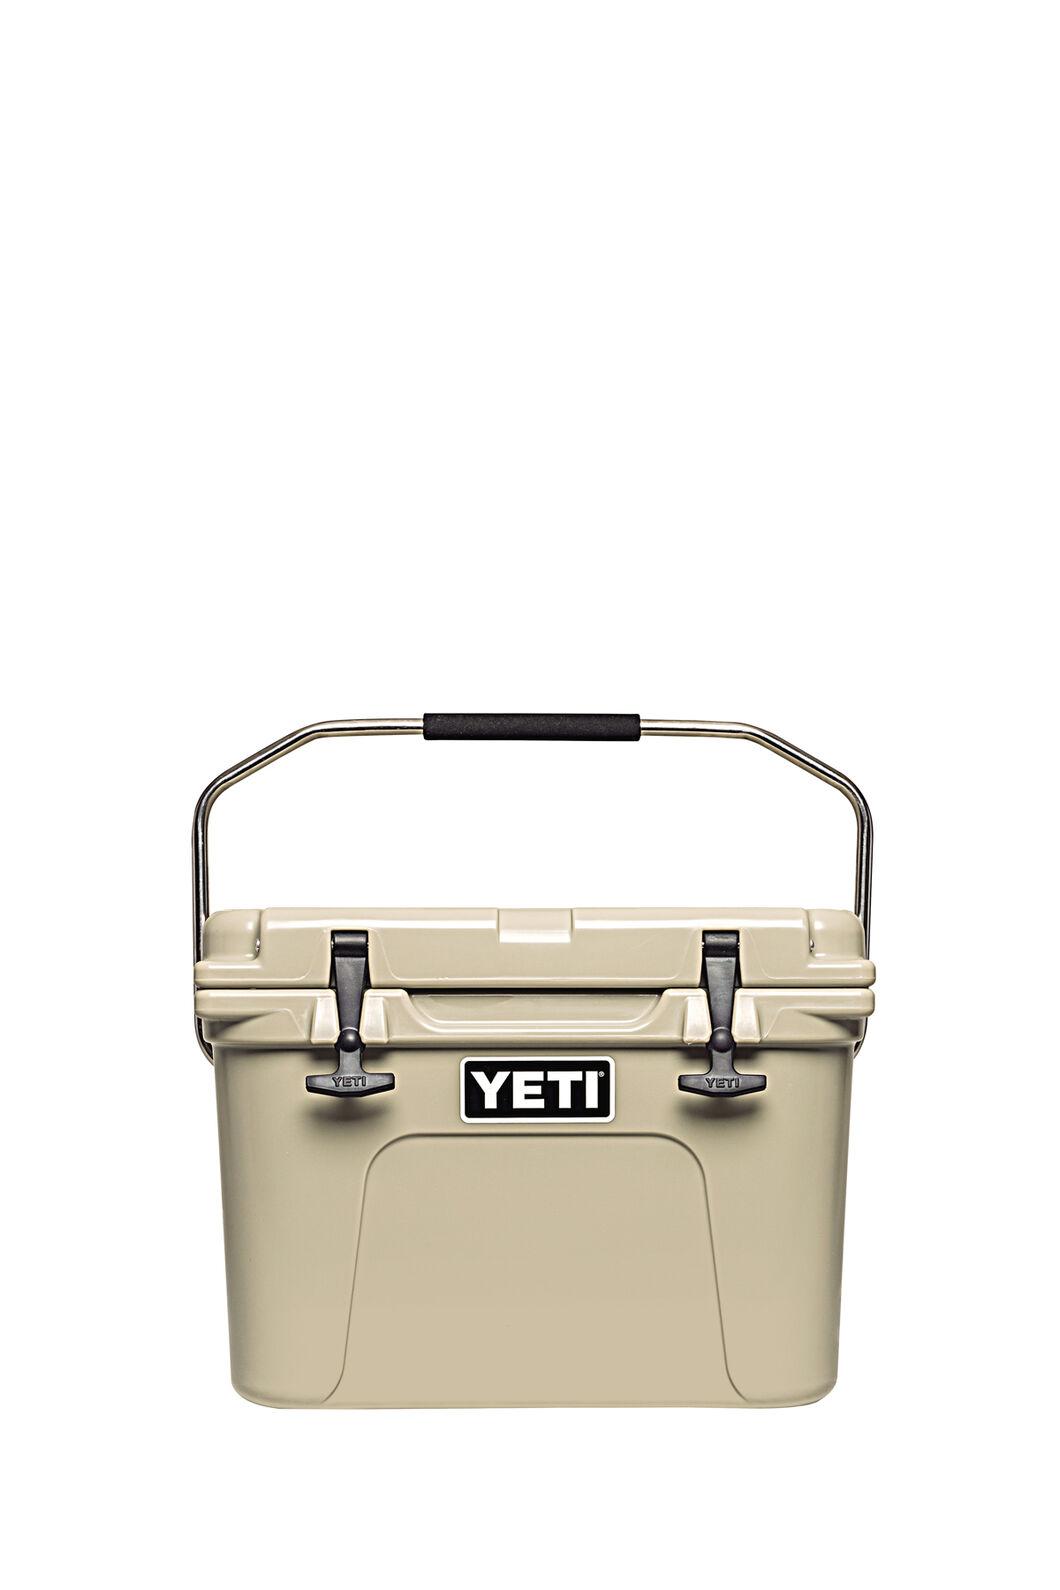 YETI® Roadie 20L Hard Cooler, Tan, hi-res